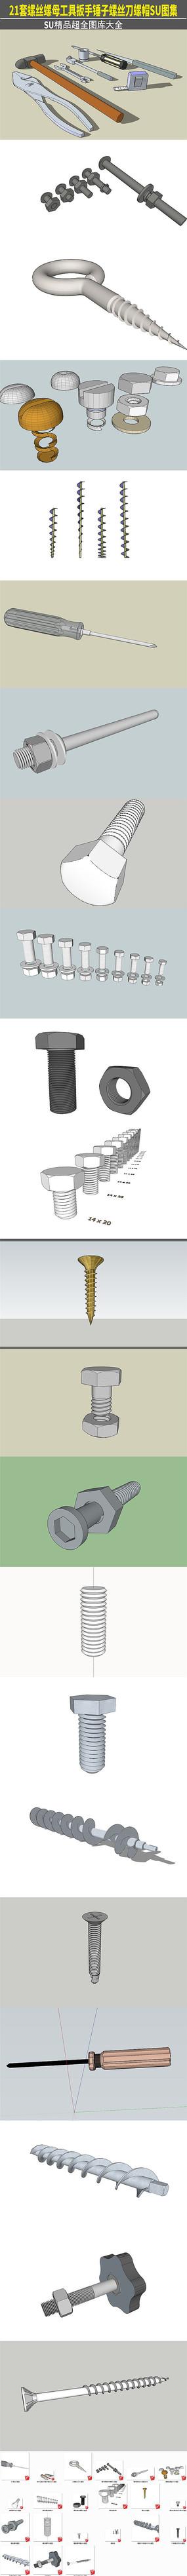 螺丝螺母工具扳手锤子螺丝刀螺帽SU图集